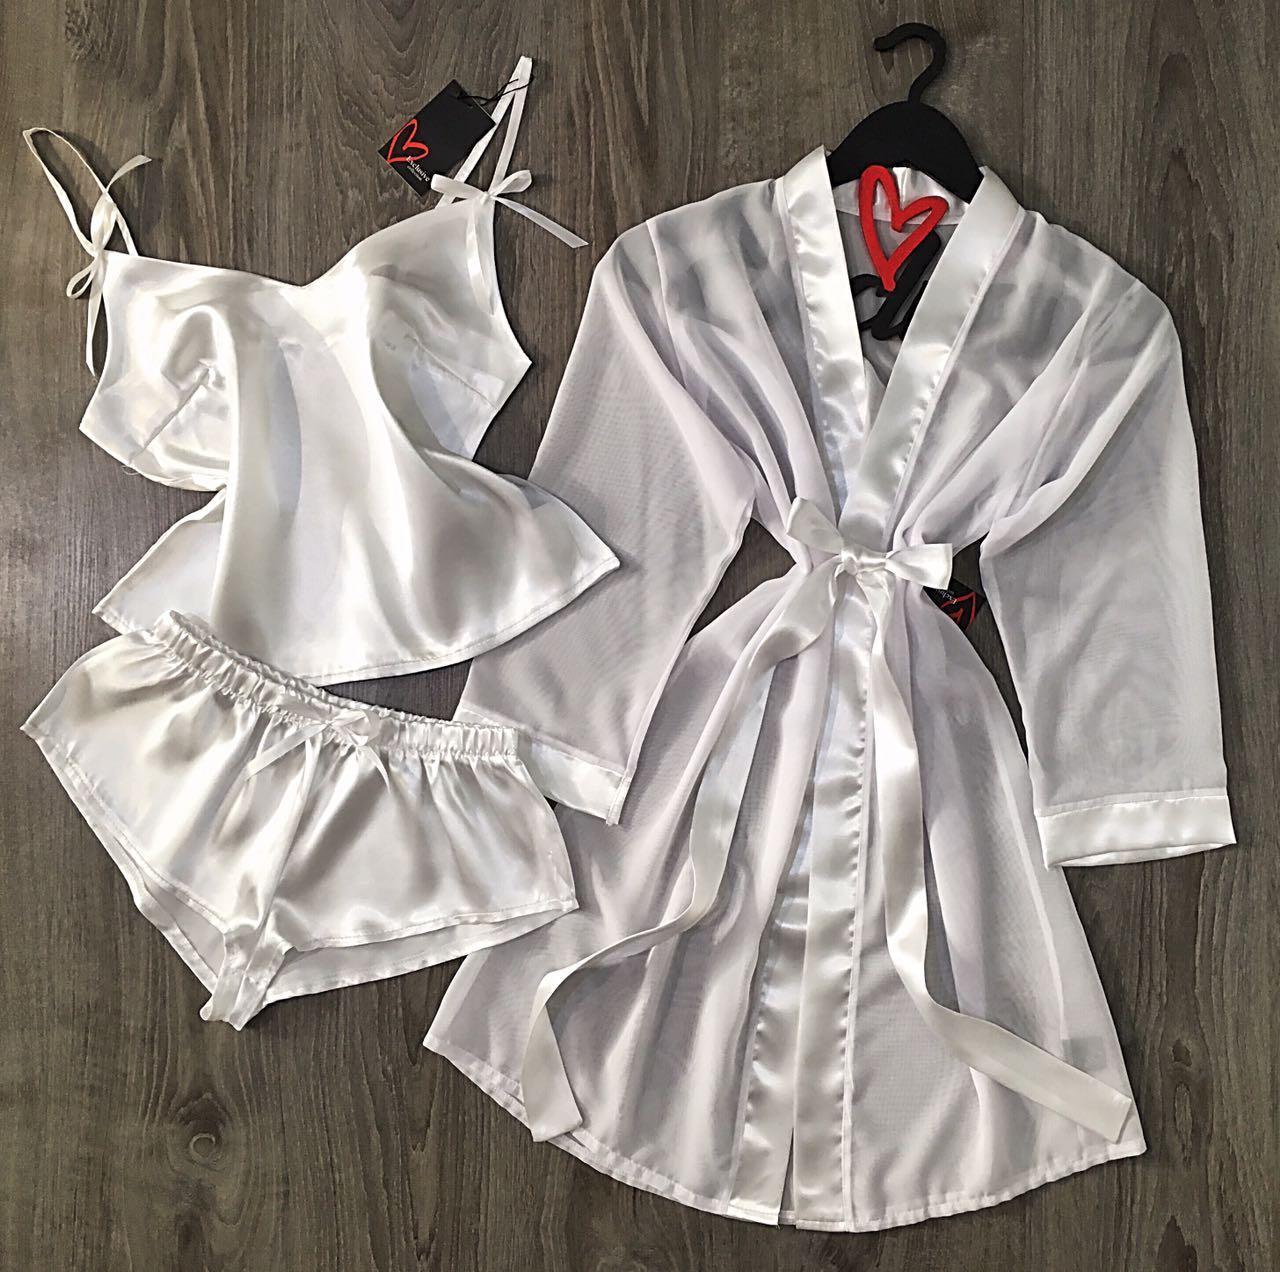 Белый прозрачный халат + атласный комплект